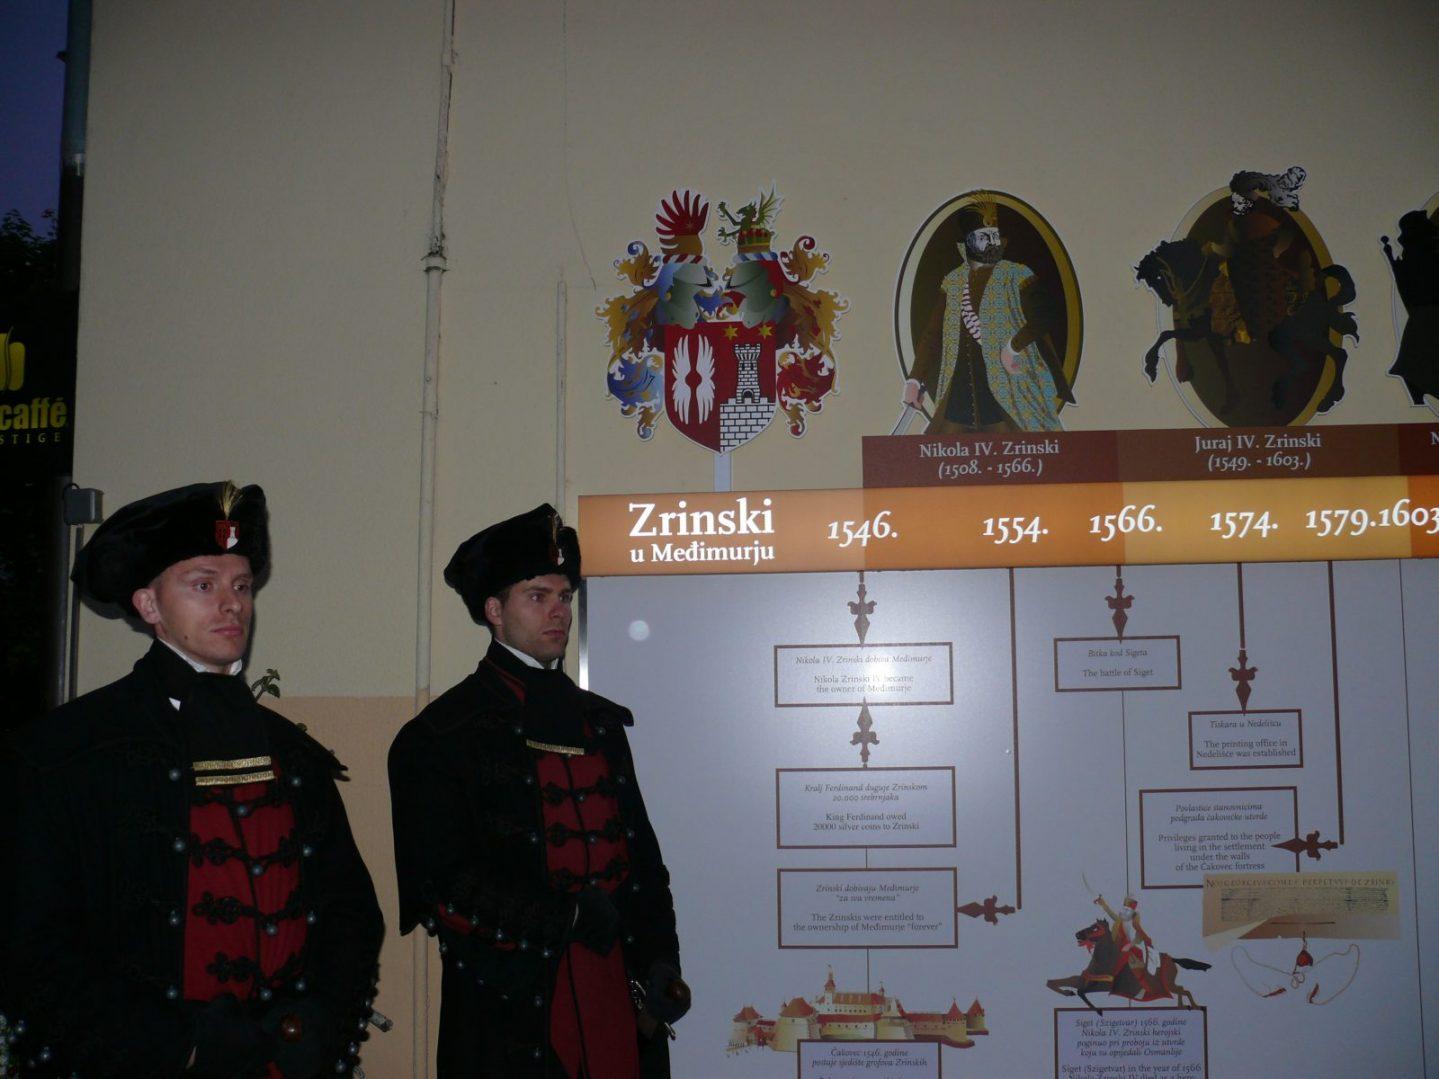 instalacija Obiteljsko stablo Zrinskih